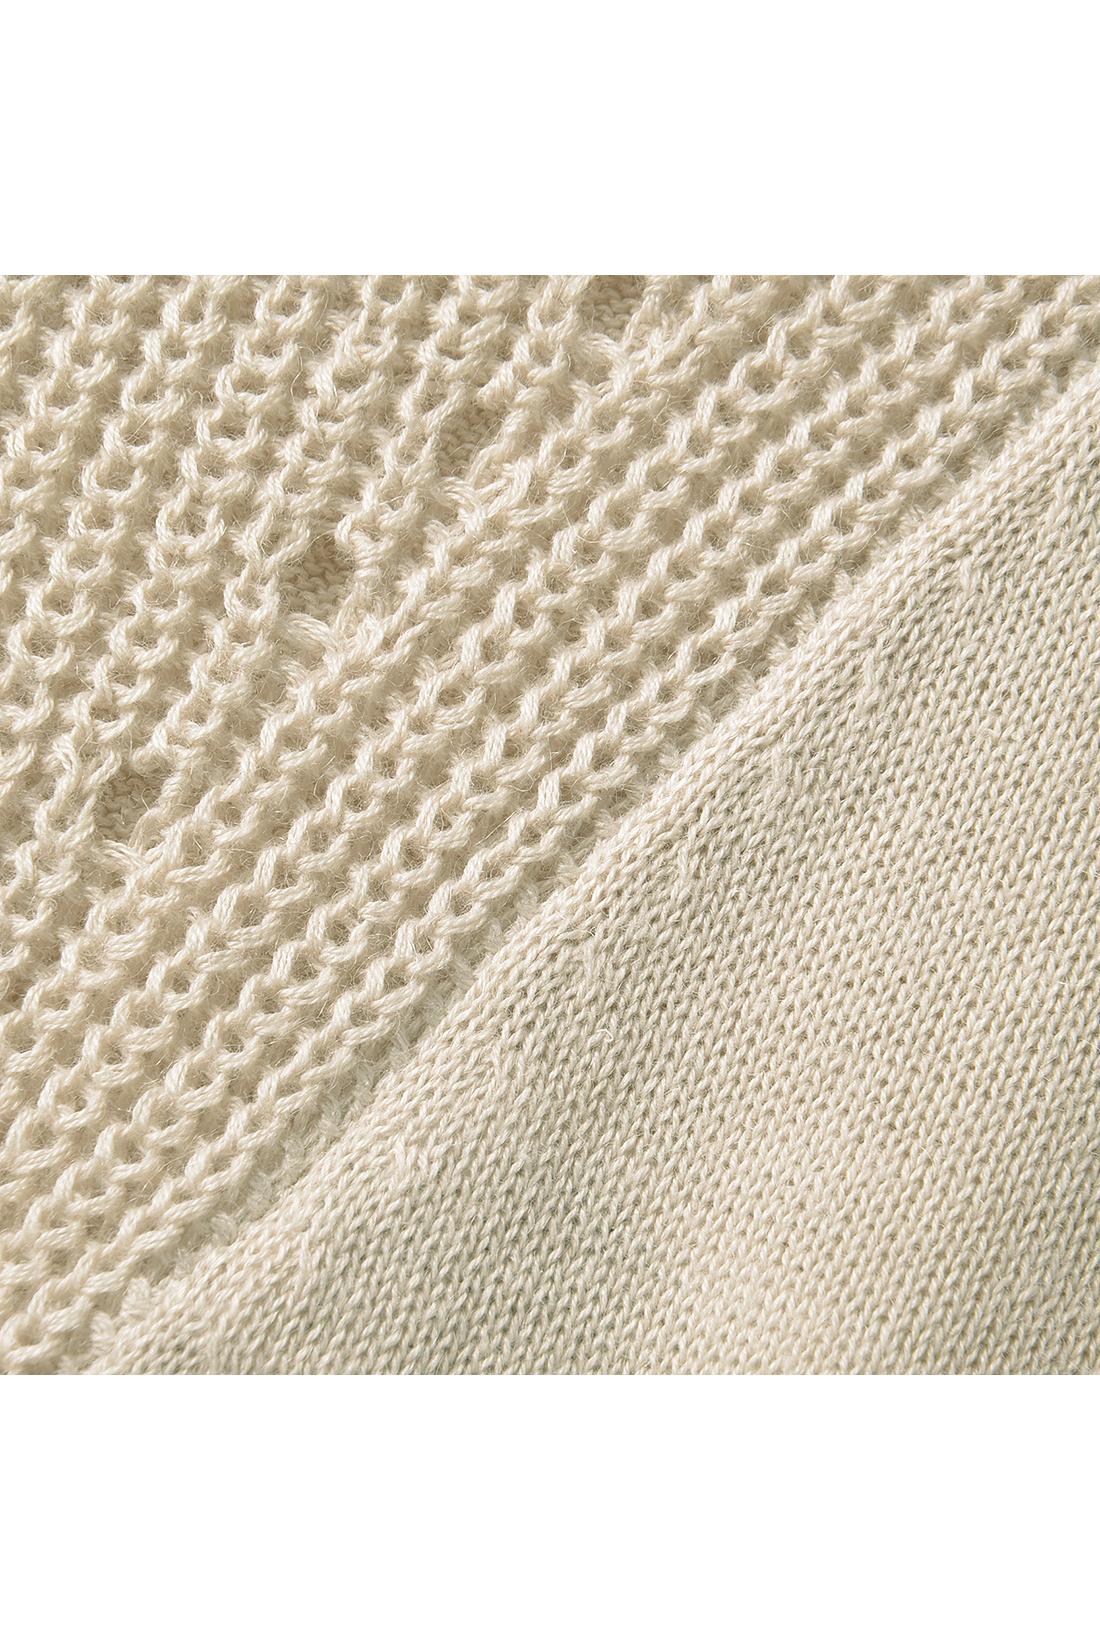 二種類の編み地切り替えがこなれモードの仕掛け。